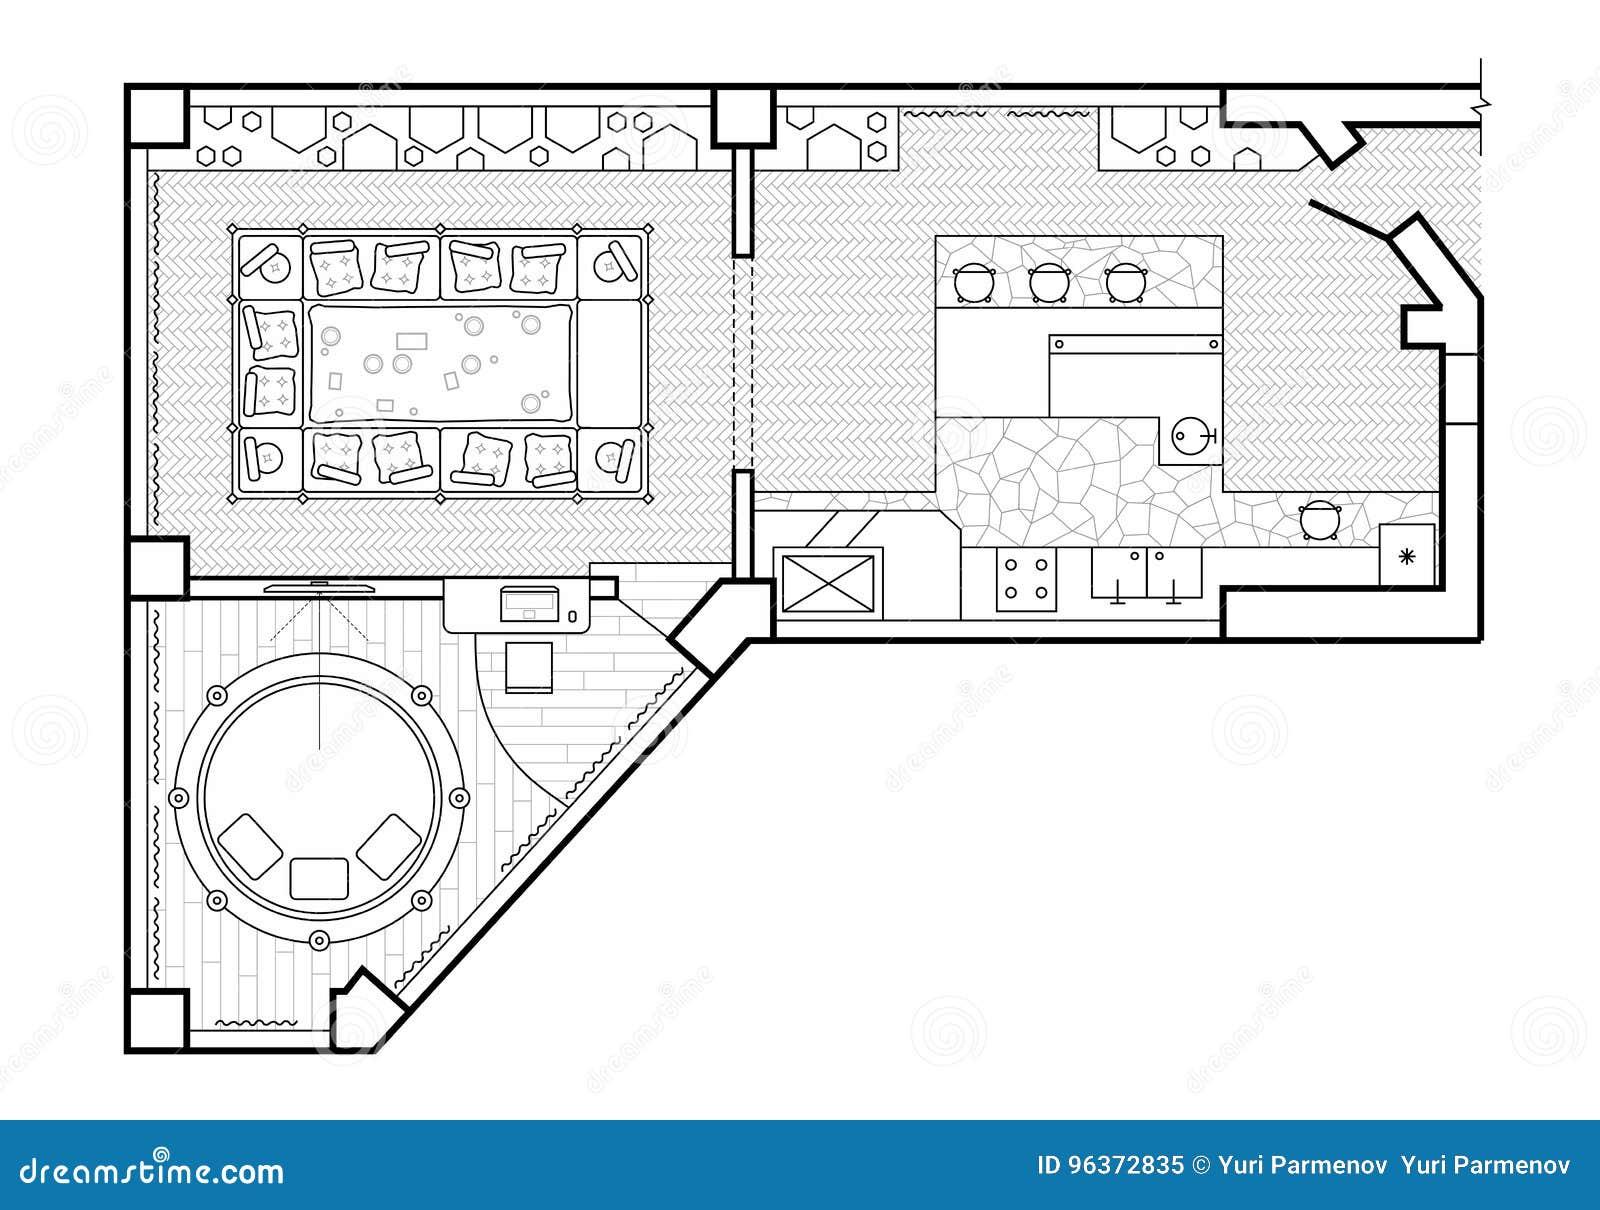 Plan De Piso Visión Superior La Terraza Del Diseño Interior